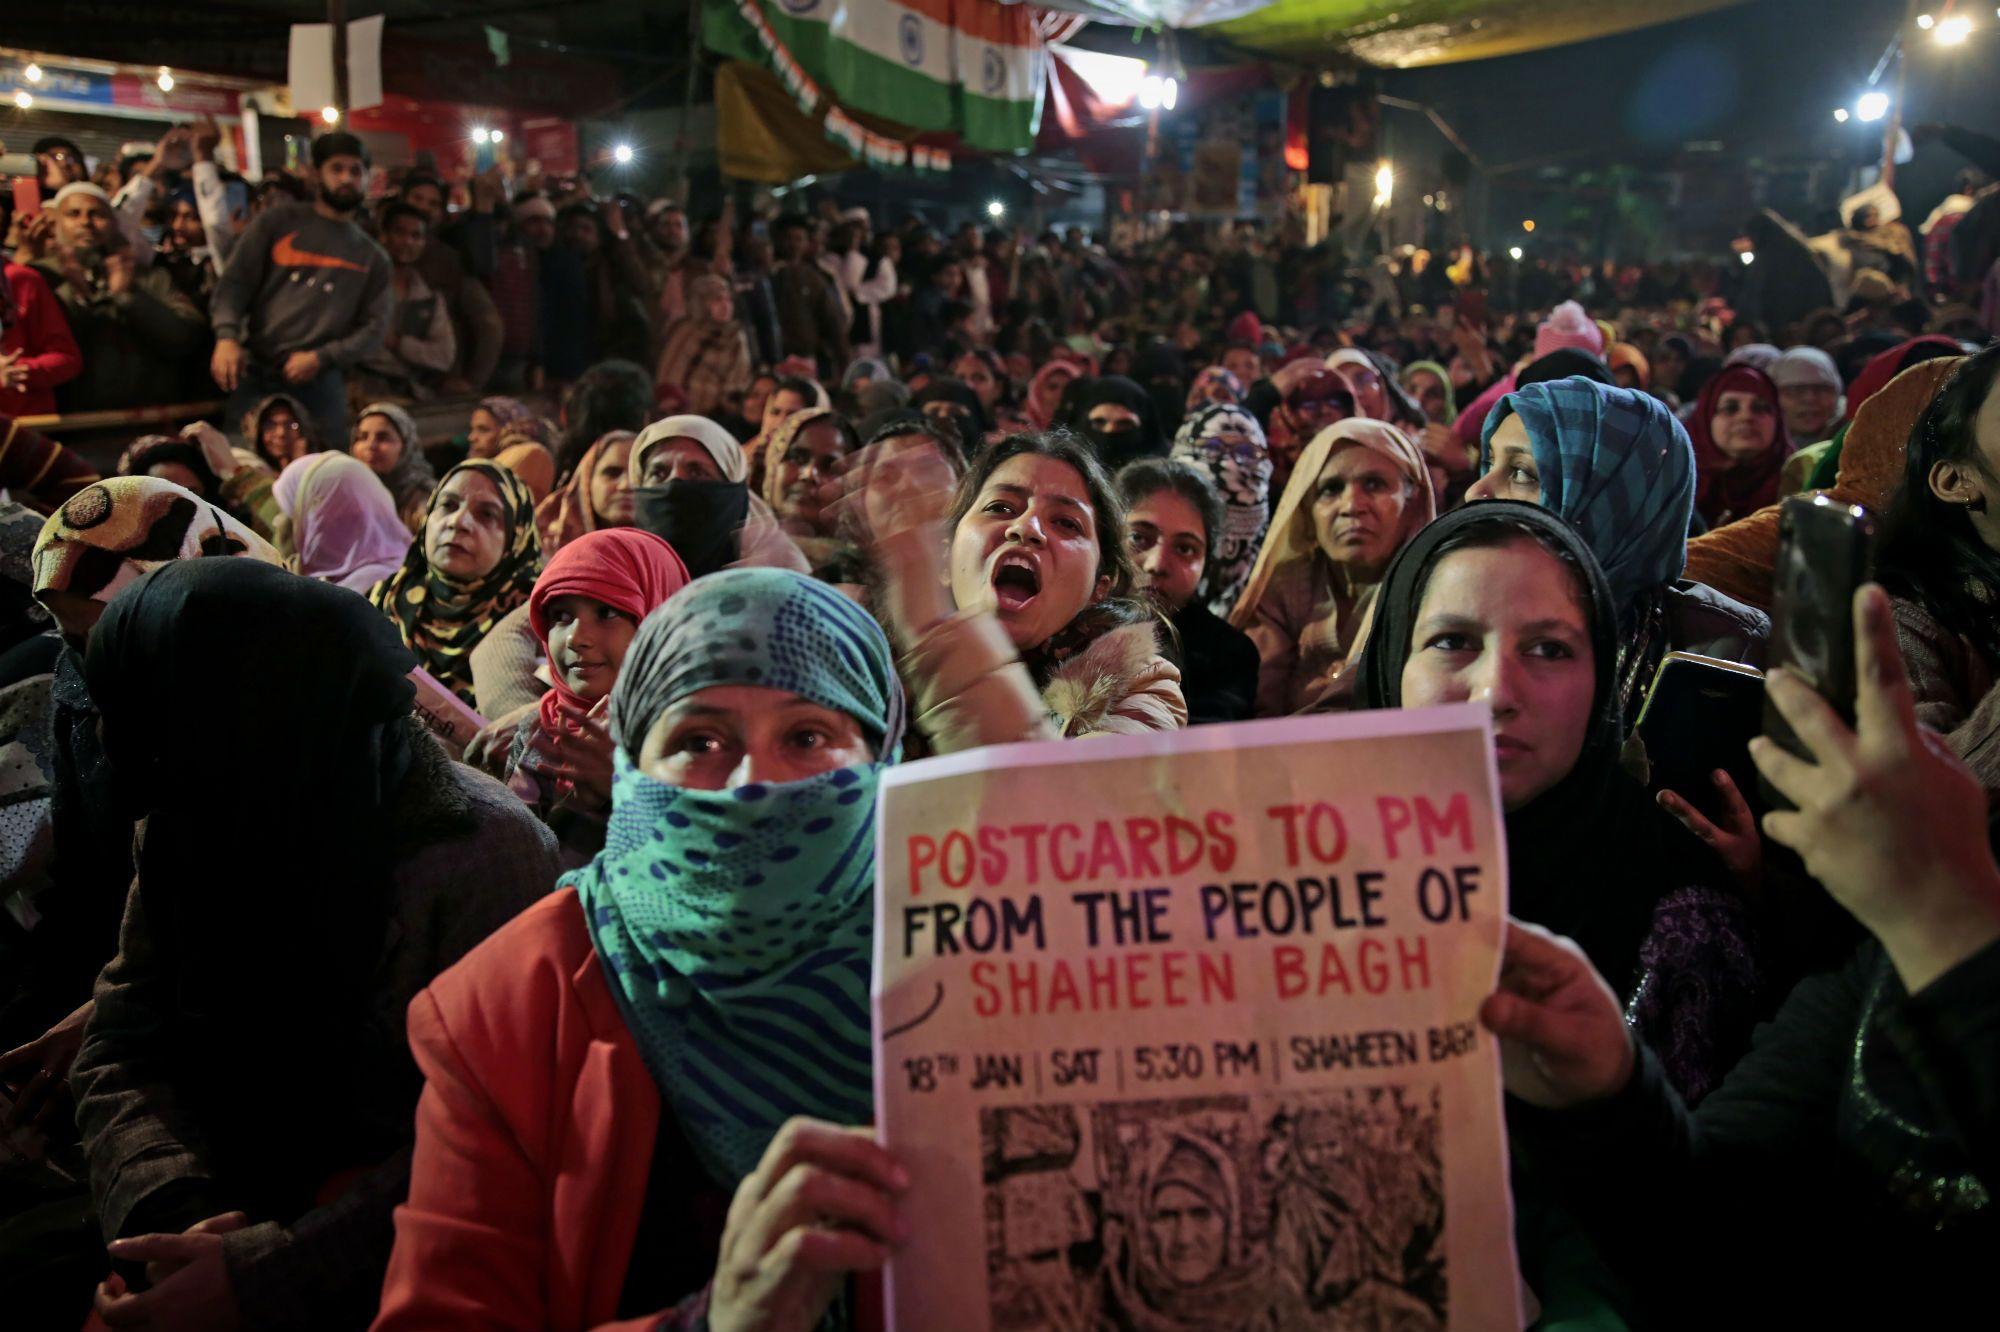 राजनीति के बिना अधूरा है नारीवादी आंदोलन